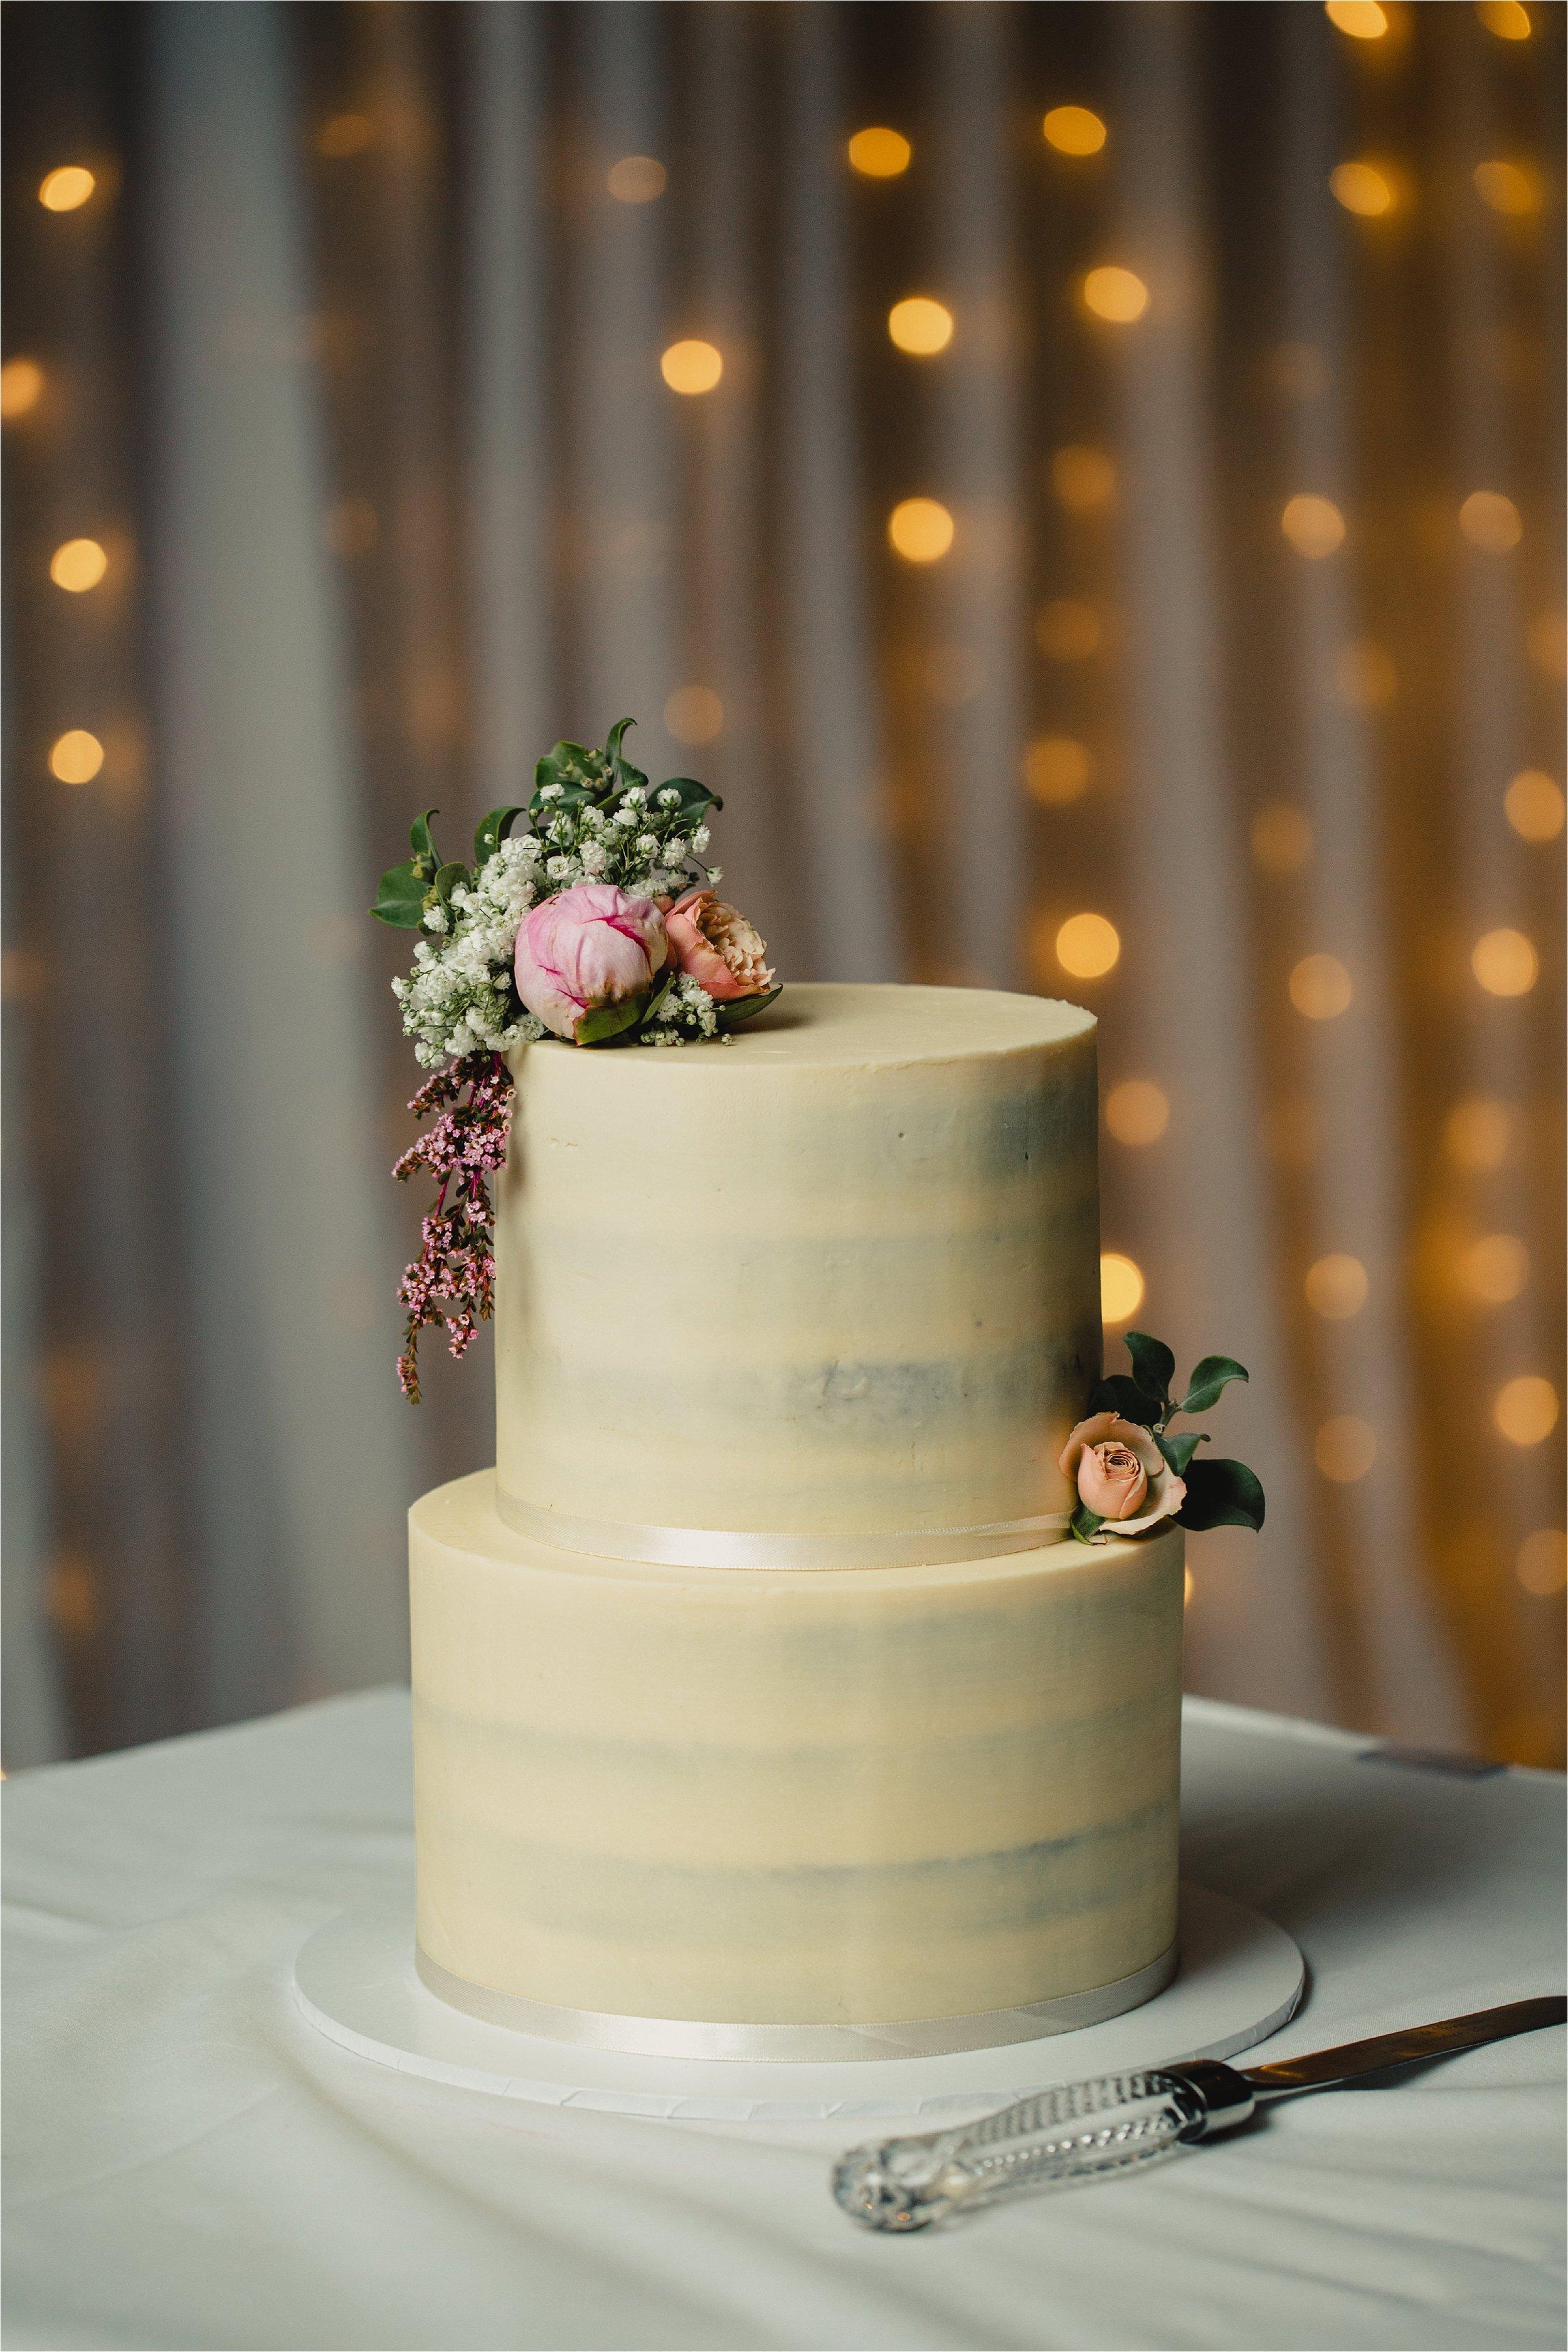 Peppers - Salt - Kingscliffe - wedding - cake - simple - tiered.jpg